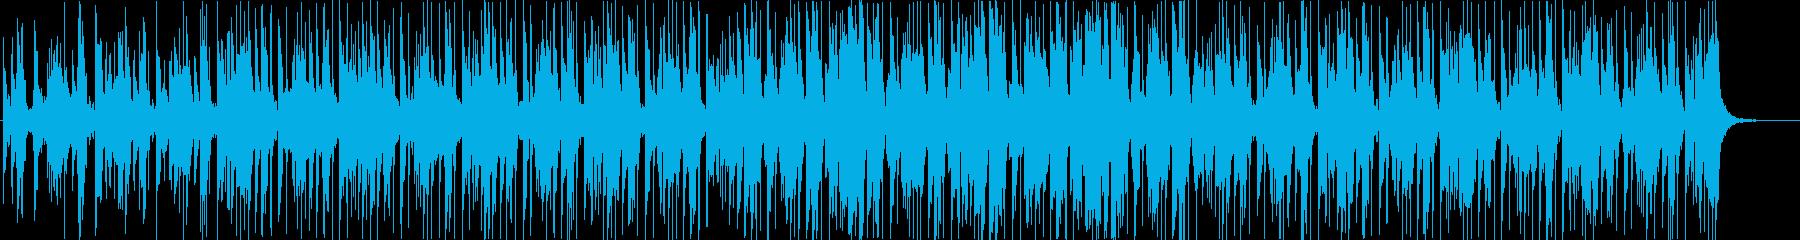 アダルトでセクシーな映像に合うR&B系の再生済みの波形